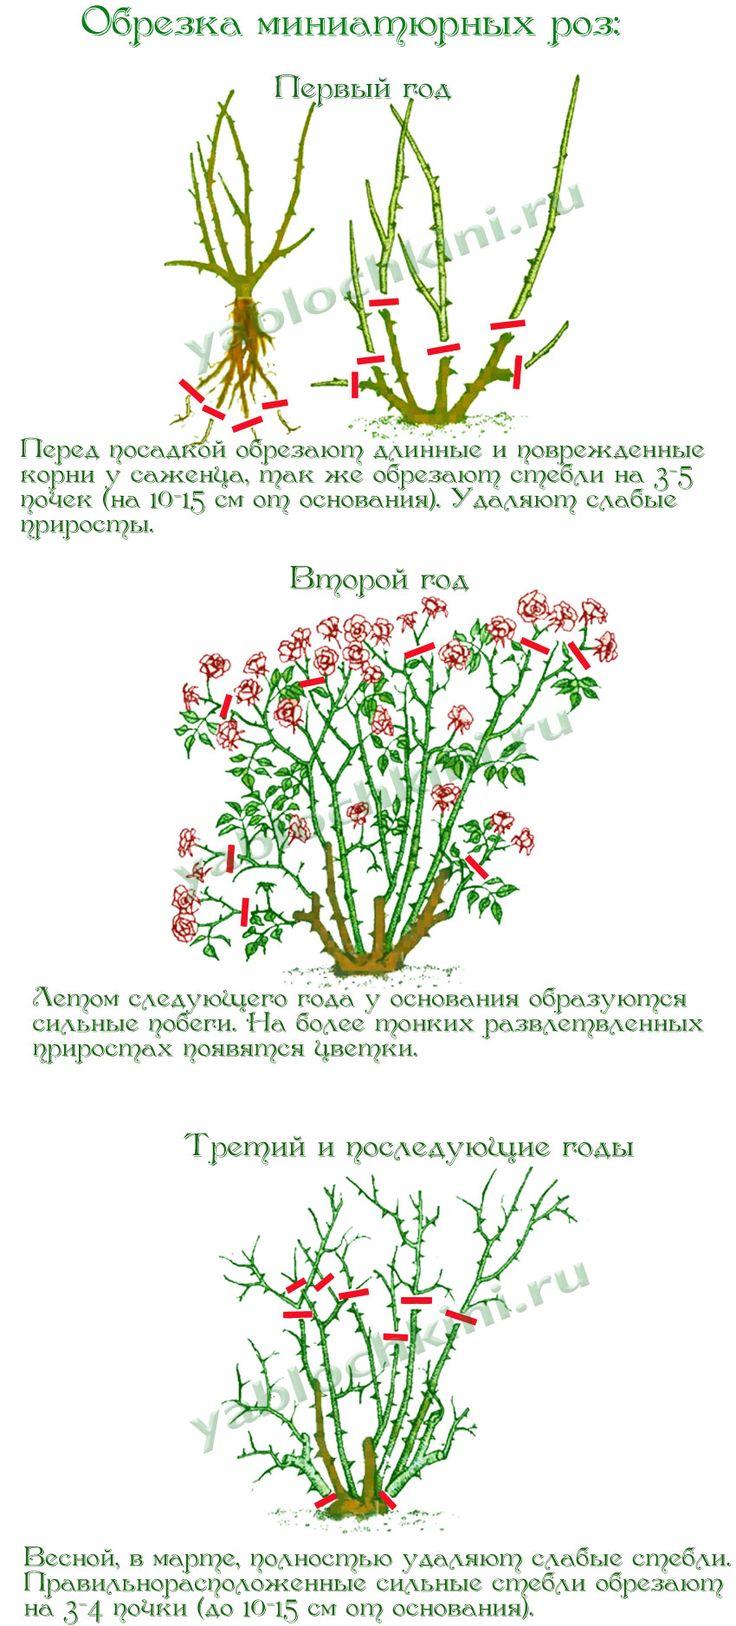 обрезка-миниатюрных-роз